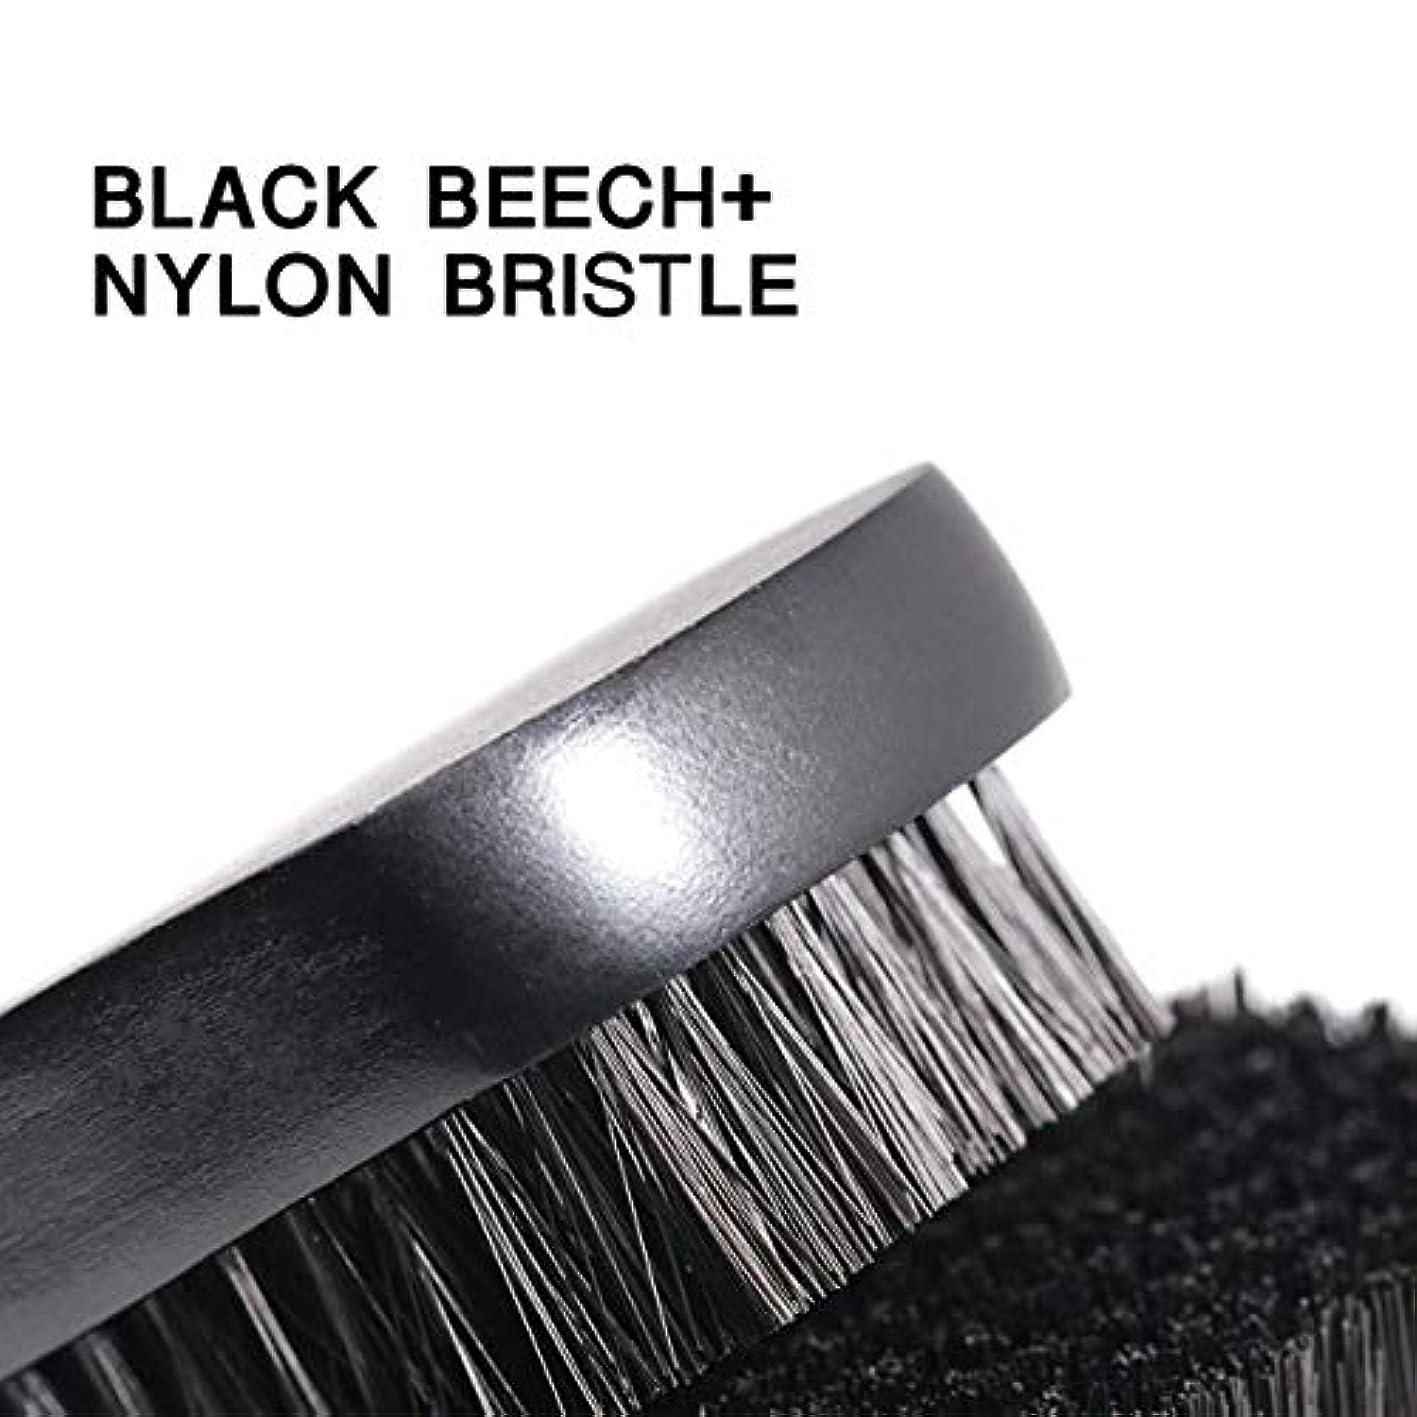 殺人者測定可能甘くする1pc Beard Brush For Men Facial Face Massager Nylon Hair Shaving Brush Wood Handle Massage Cleaner Comb